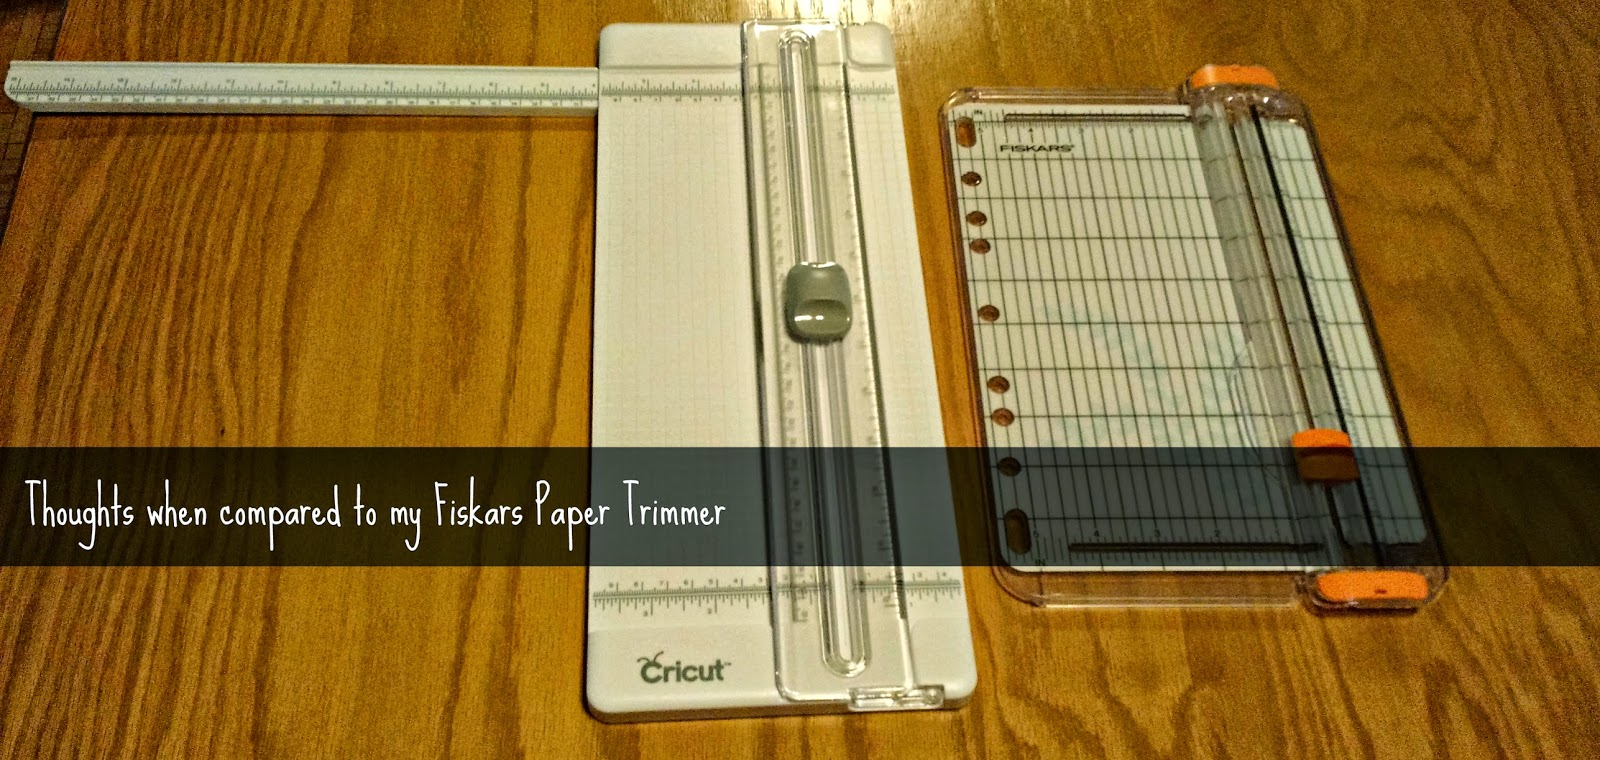 Circuit Paper Cutter